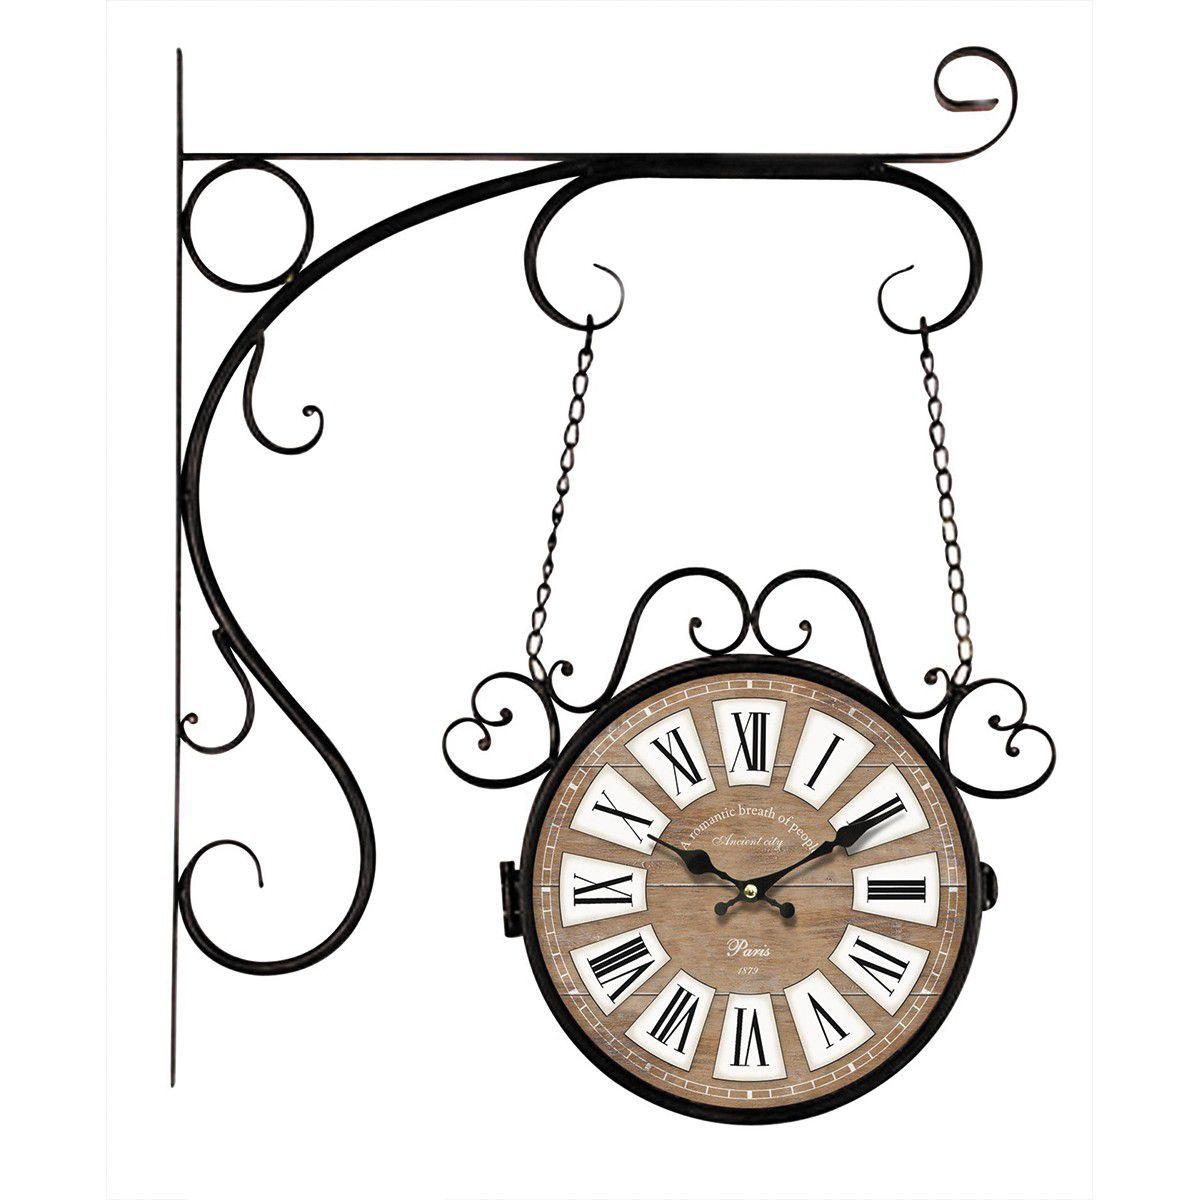 Relógio de parede dupla face c/ correntes Paris 1879